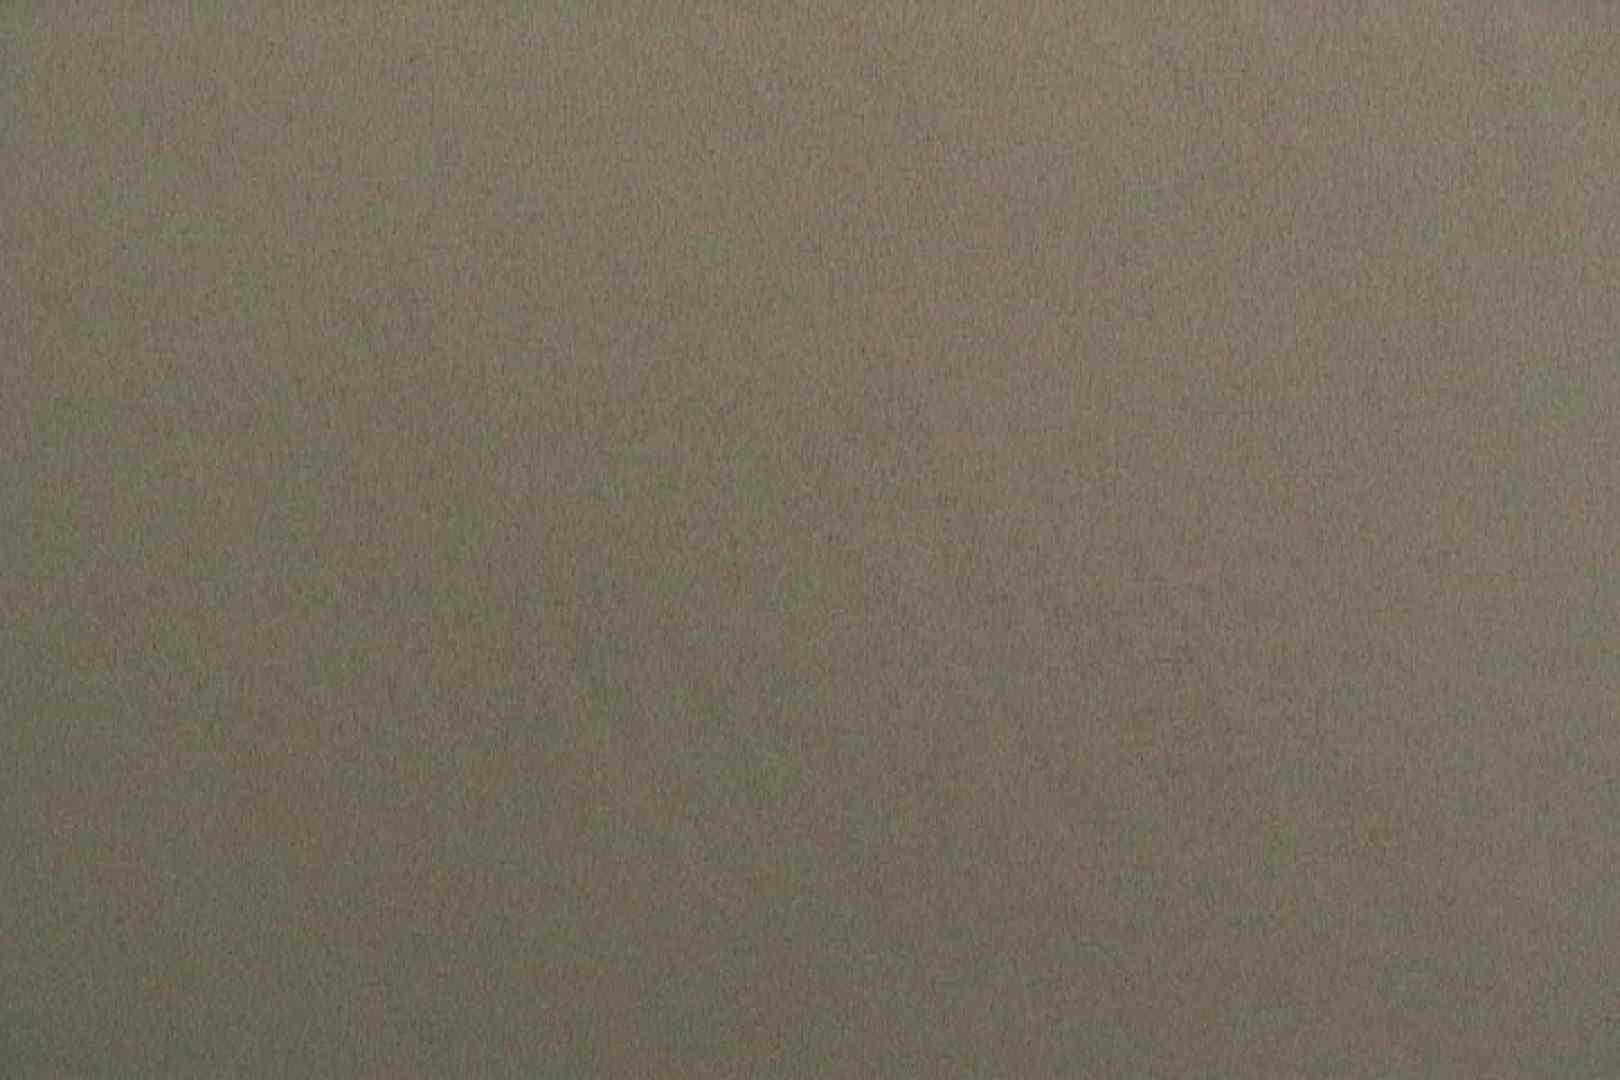 ※100個限定販売 カリスマ撮師 pepeさんの軌跡!Vol.1 色っぽいOL達  52pic 18